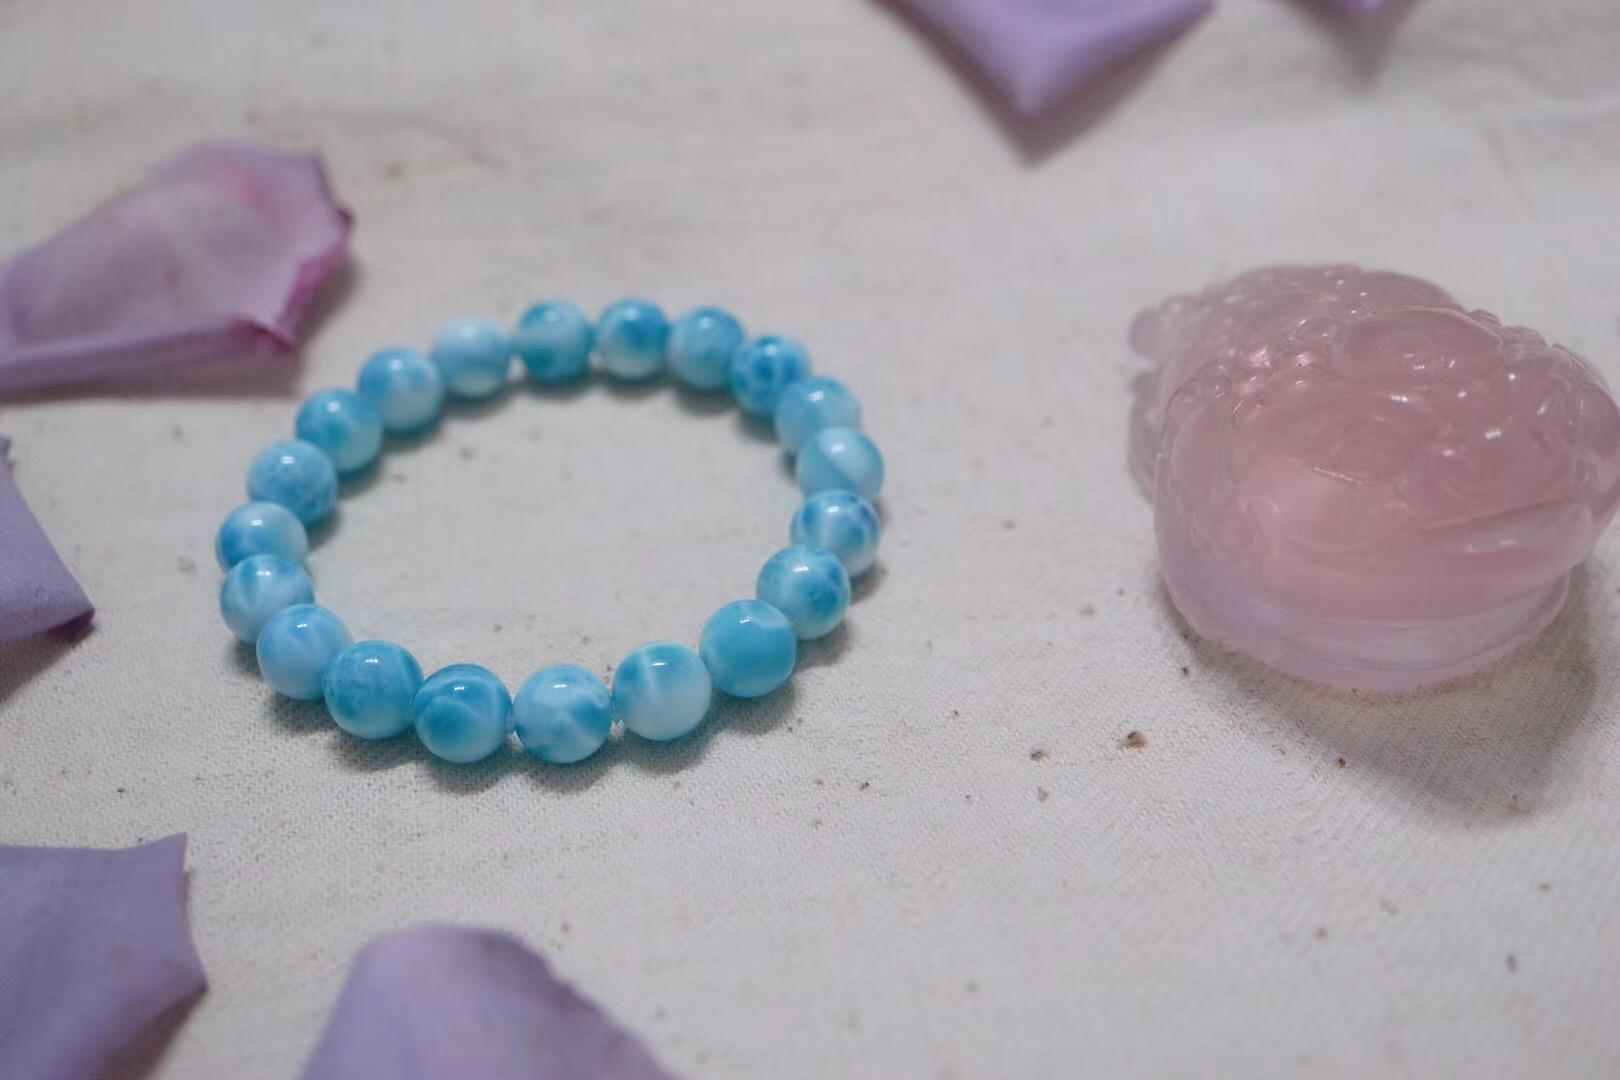 【海纹石】亚特兰蒂斯遗留下来的宝石—海纹石-菩心晶舍